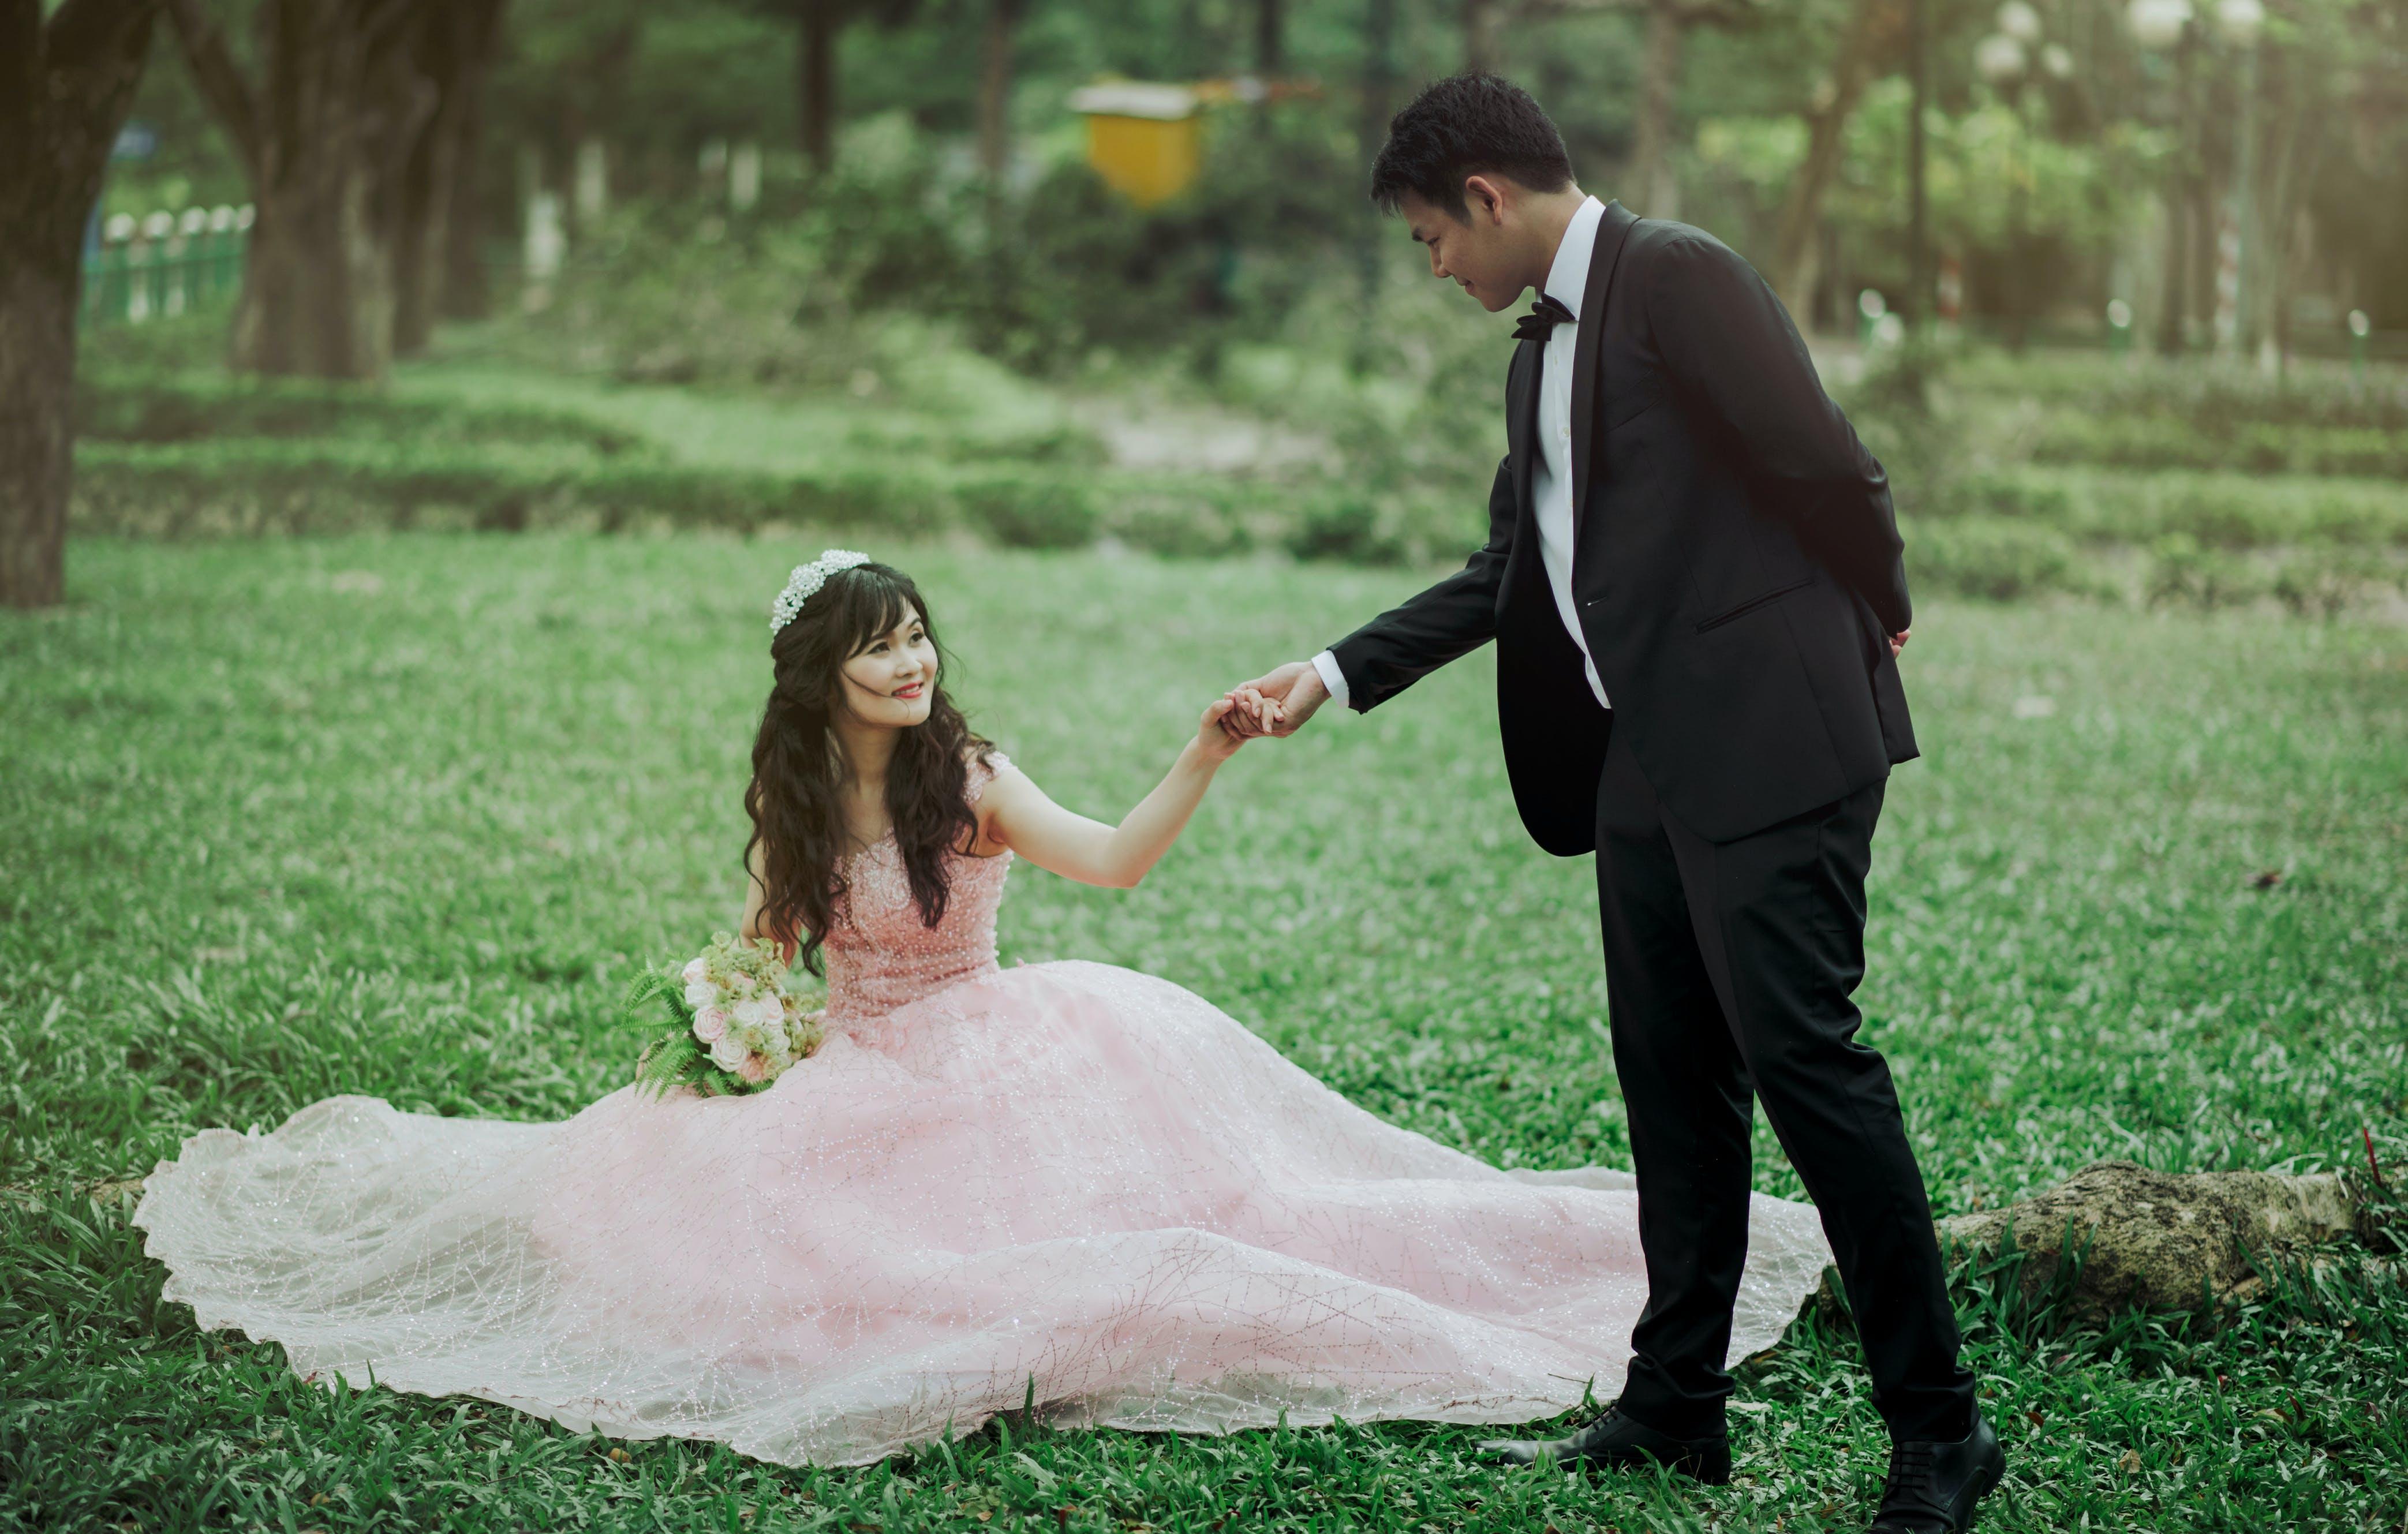 Kostnadsfri bild av äktenskap, avslappning, bröllop, brud